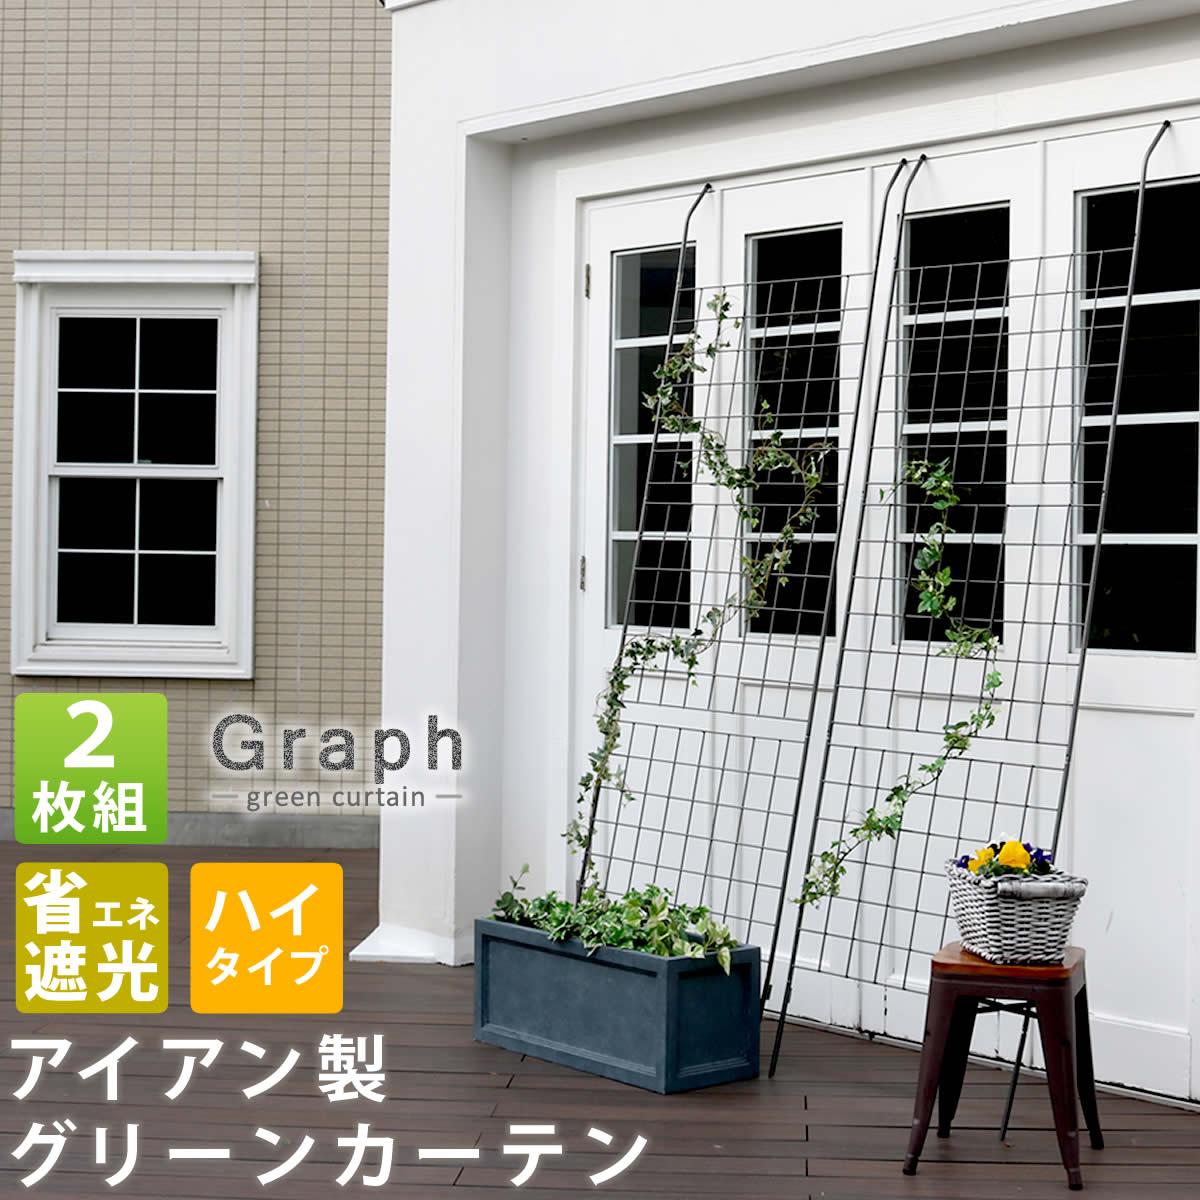 アイアン製グリーンカーテン グラフ 2枚組 IFGC014-2P-SLV